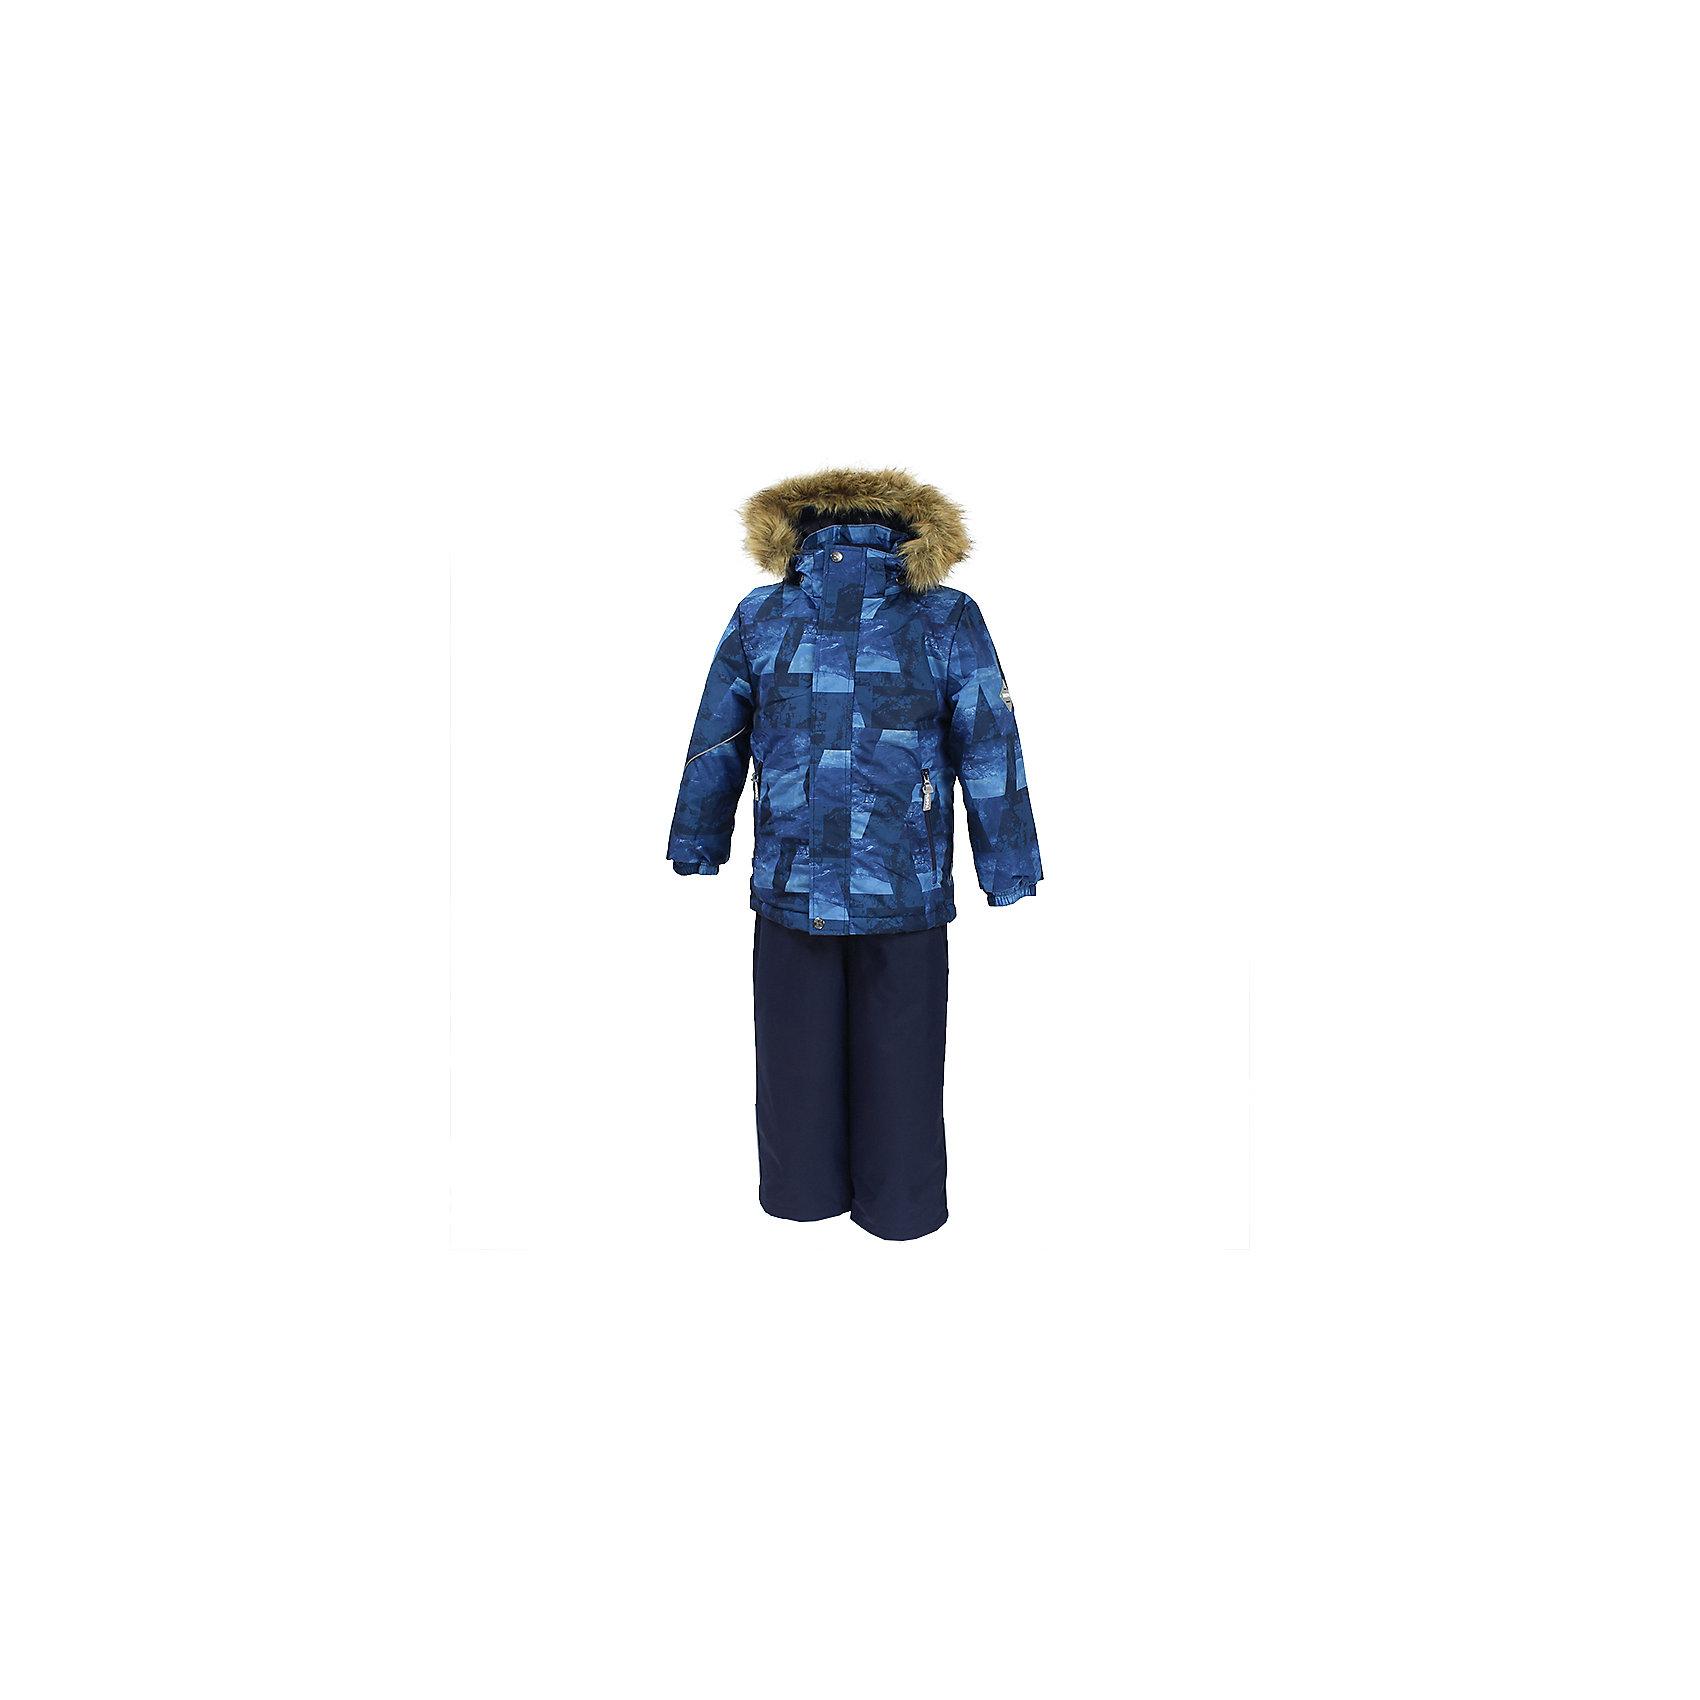 Комплект: куртка и брюки DANTE 1 HuppaВерхняя одежда<br>Характеристики товара:<br><br>• модель: Dante 1;<br>• цвет: синий принт/синий;<br>• состав: 100% полиэстер;<br>• утеплитель: нового поколения HuppaTherm, 300 гр куртка / 160гр полукомбинезон;<br>• подкладка: полиэстер: тафта, pritex;<br>• сезон: зима;<br>• температурный режим: от -5 до - 30С;<br>• водонепроницаемость: 10000 мм  ;<br>• воздухопроницаемость: 10000 г/м2/24ч;<br>• особенности модели: c рисунком; с мехом на капюшоне;<br>• плечевые швы и шаговый шов проклеены и не пропускают влагу;<br>• в куртке застежка молния, прикрыта планкой;<br>• низ куртки стягивается кулиской, что помогает предотвращать попадание снега внутрь;<br>• в полукомбинезоне застежка молния;<br>• эластичные подтяжки регулируются по длине;<br>• низ брюк затягивается на шнурок с фиксатором;<br>• снегозащитные манжеты на штанинах<br>• безопасный капюшон крепится на кнопки и, при необходимости, отстегивается;<br>• искусственный мех на капюшоне съемный;<br>• светоотражающие элементы для безопасности ребенка ;<br>• внутренний и боковые карманы застегиваются на молнию;<br>• манжеты рукавов эластичные, на резинках; <br>• страна бренда: Финляндия;<br>• страна изготовитель: Эстония.<br><br>Зимний комплект Dante 1 - это отличный вариант для холодной зимы. Утеплитель HuppaTherm - высокотехнологичный легкий синтетический утеплитель нового поколения. Сохраняет объем и высокую теплоизоляцию изделия. Легко стирается и быстро сохнет. Изделия HuppaTherm легкие по весу, комфортные и теплые.<br><br>Мембрана препятствует прохождению воды и ветра сквозь ткань внутрь изделия, позволяя испаряться выделяемой телом, образовывающейся внутри влаге. Прочная ткань: сплетения волокон в тканях выполнены по специальной технологии, которая придаёт ткани прочность и предохранят от истирания.Подкладка —полиэстер: тафта, pritex.<br><br>Функциональные элементы: Куртка: капюшон и мех отстегивается,  застежка молния, прикрыта планкой, манжеты на резинке, светоотражающие элем